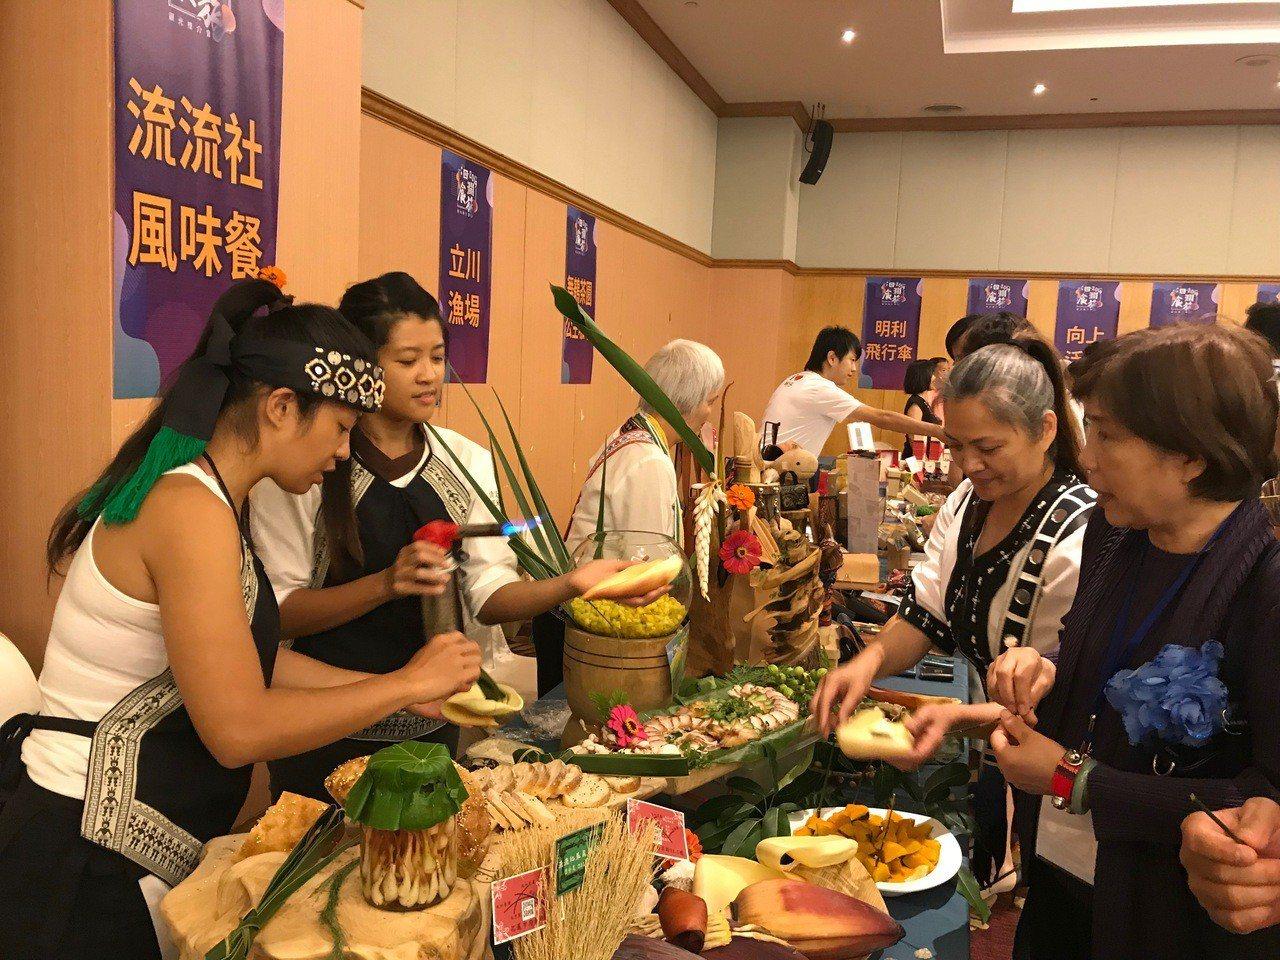 有業者準備簡單原民風味餐請民眾試吃。記者王思慧/攝影